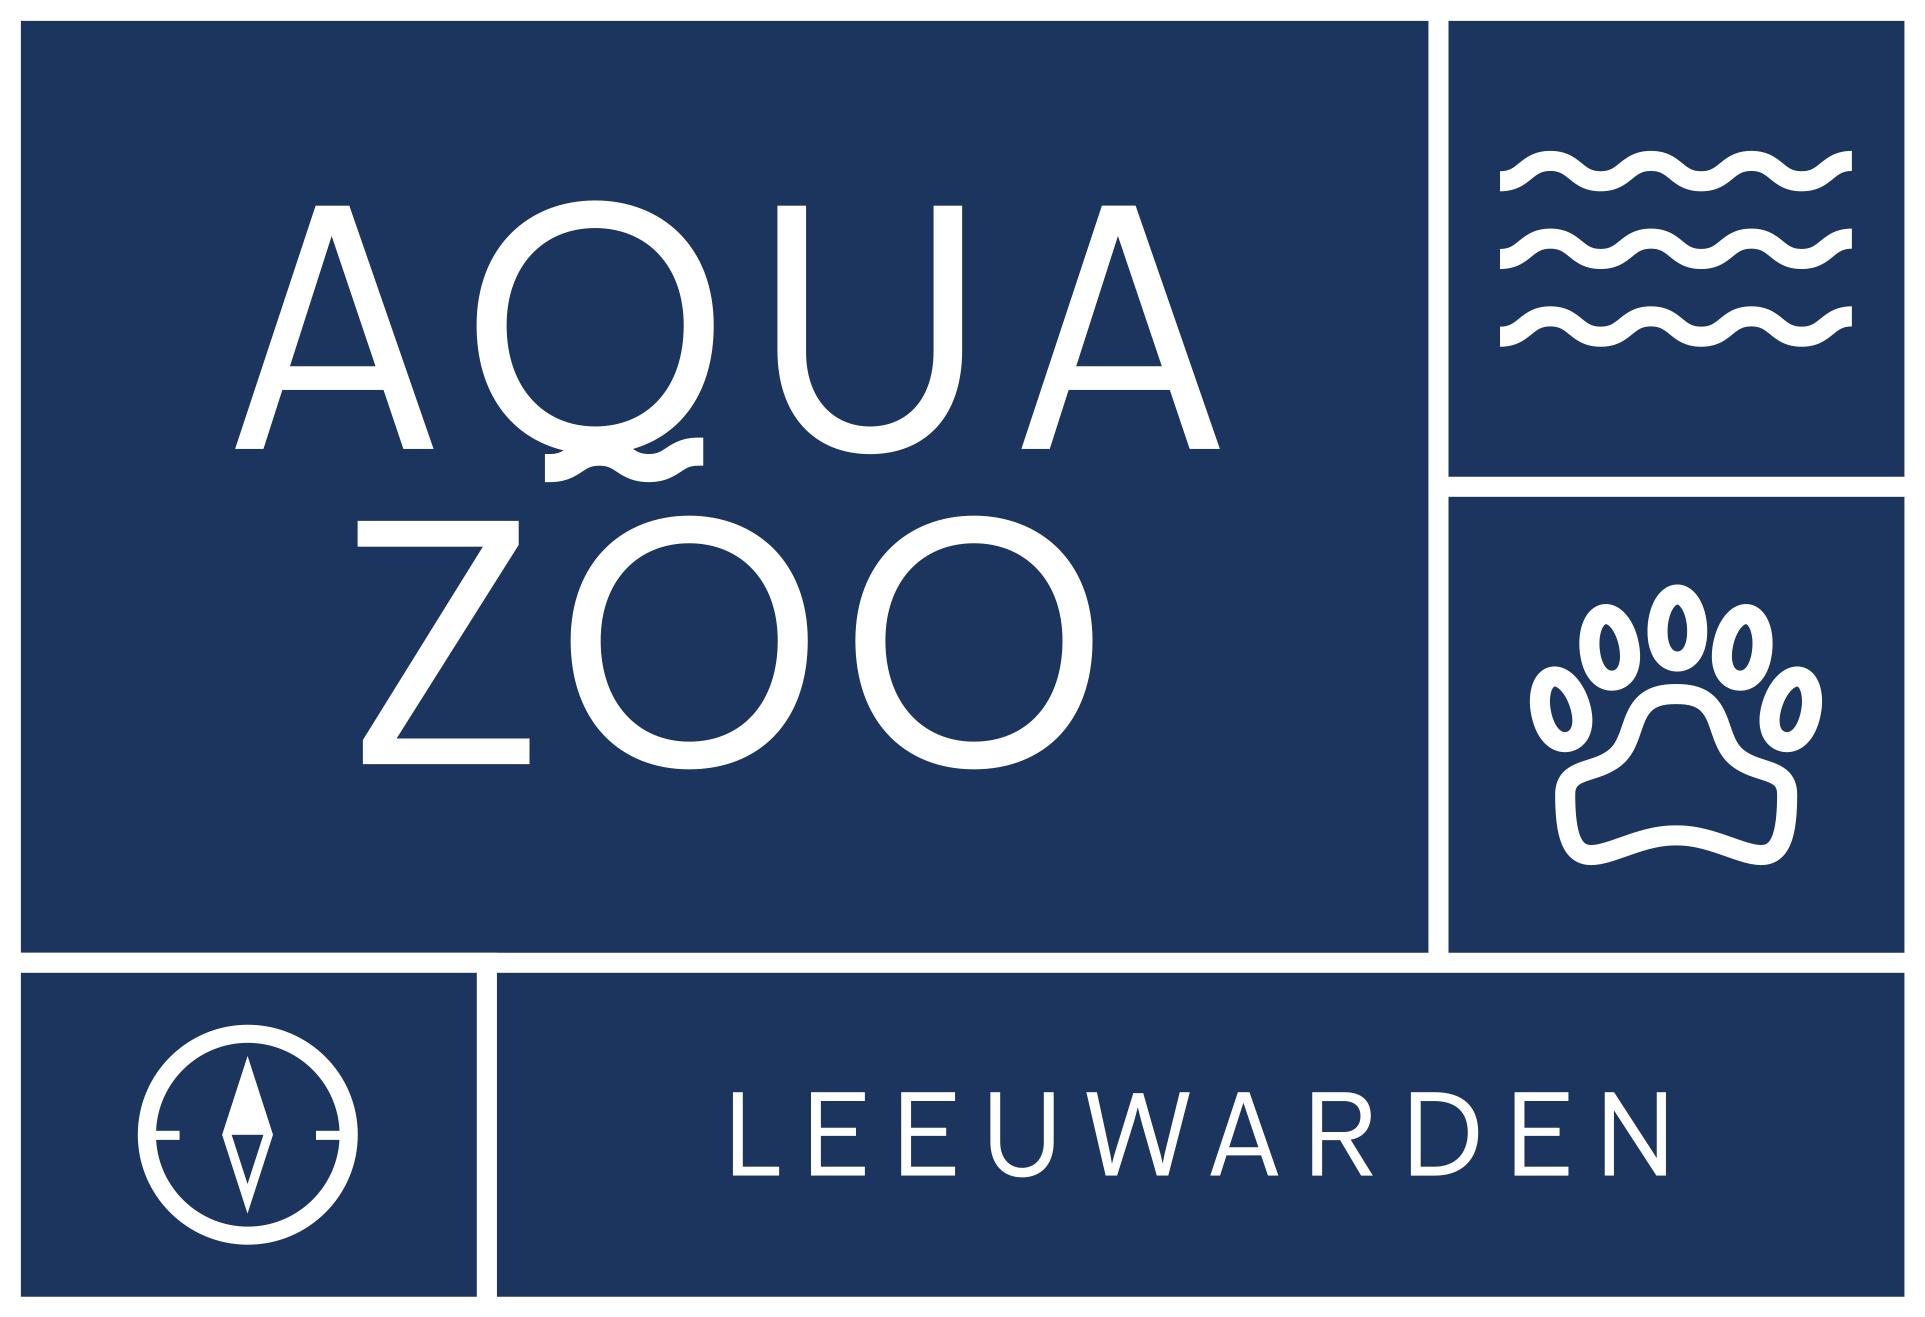 aquazoo-leeuwarden-logo-beeldmerk.png